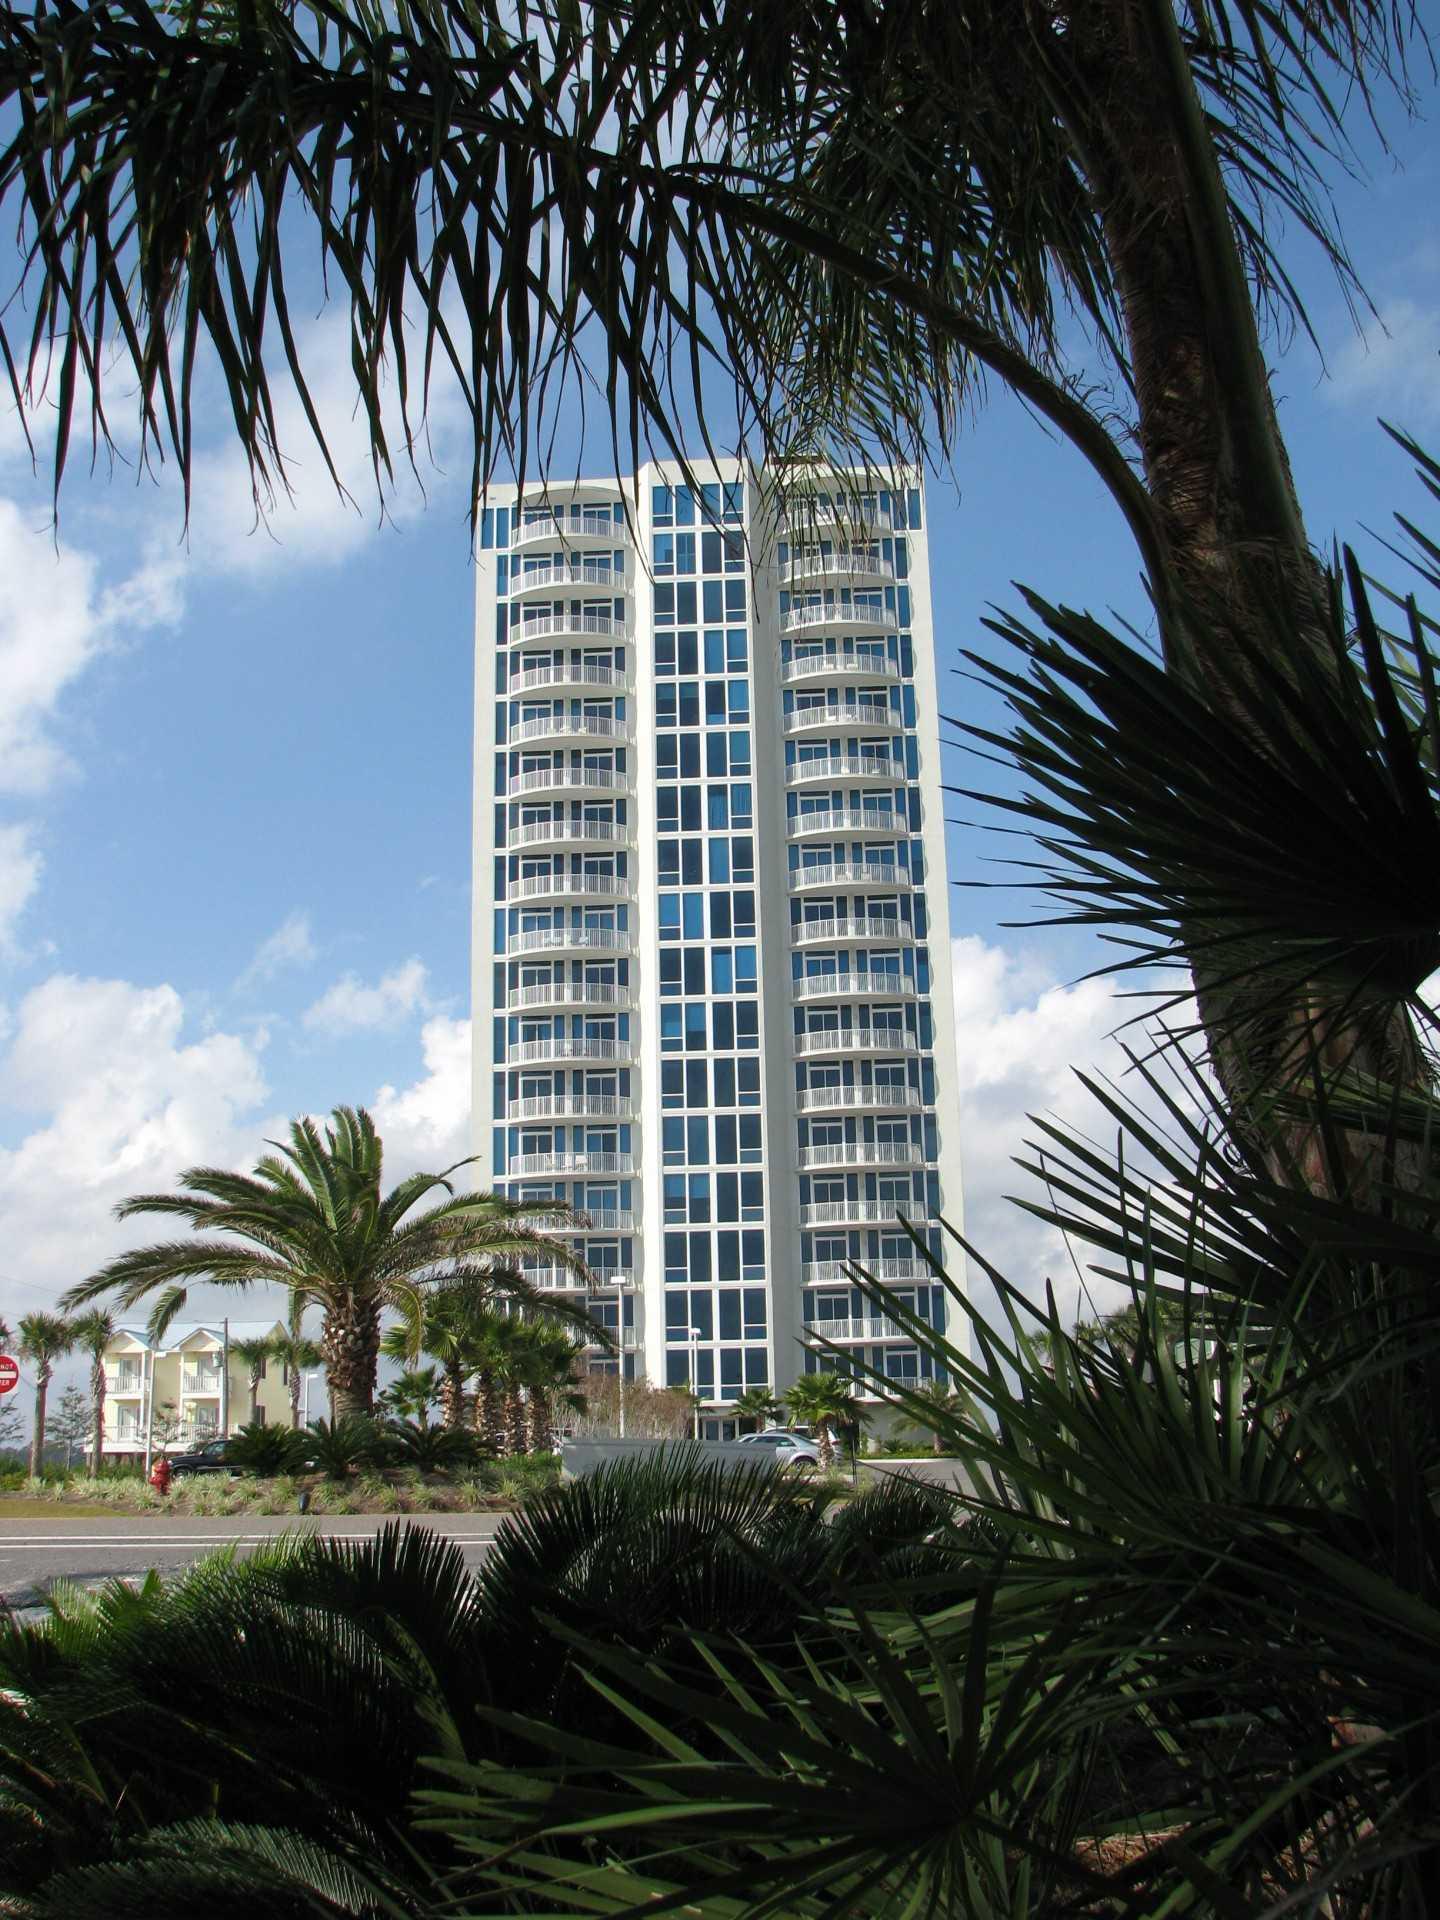 Bel Sole Condominiums